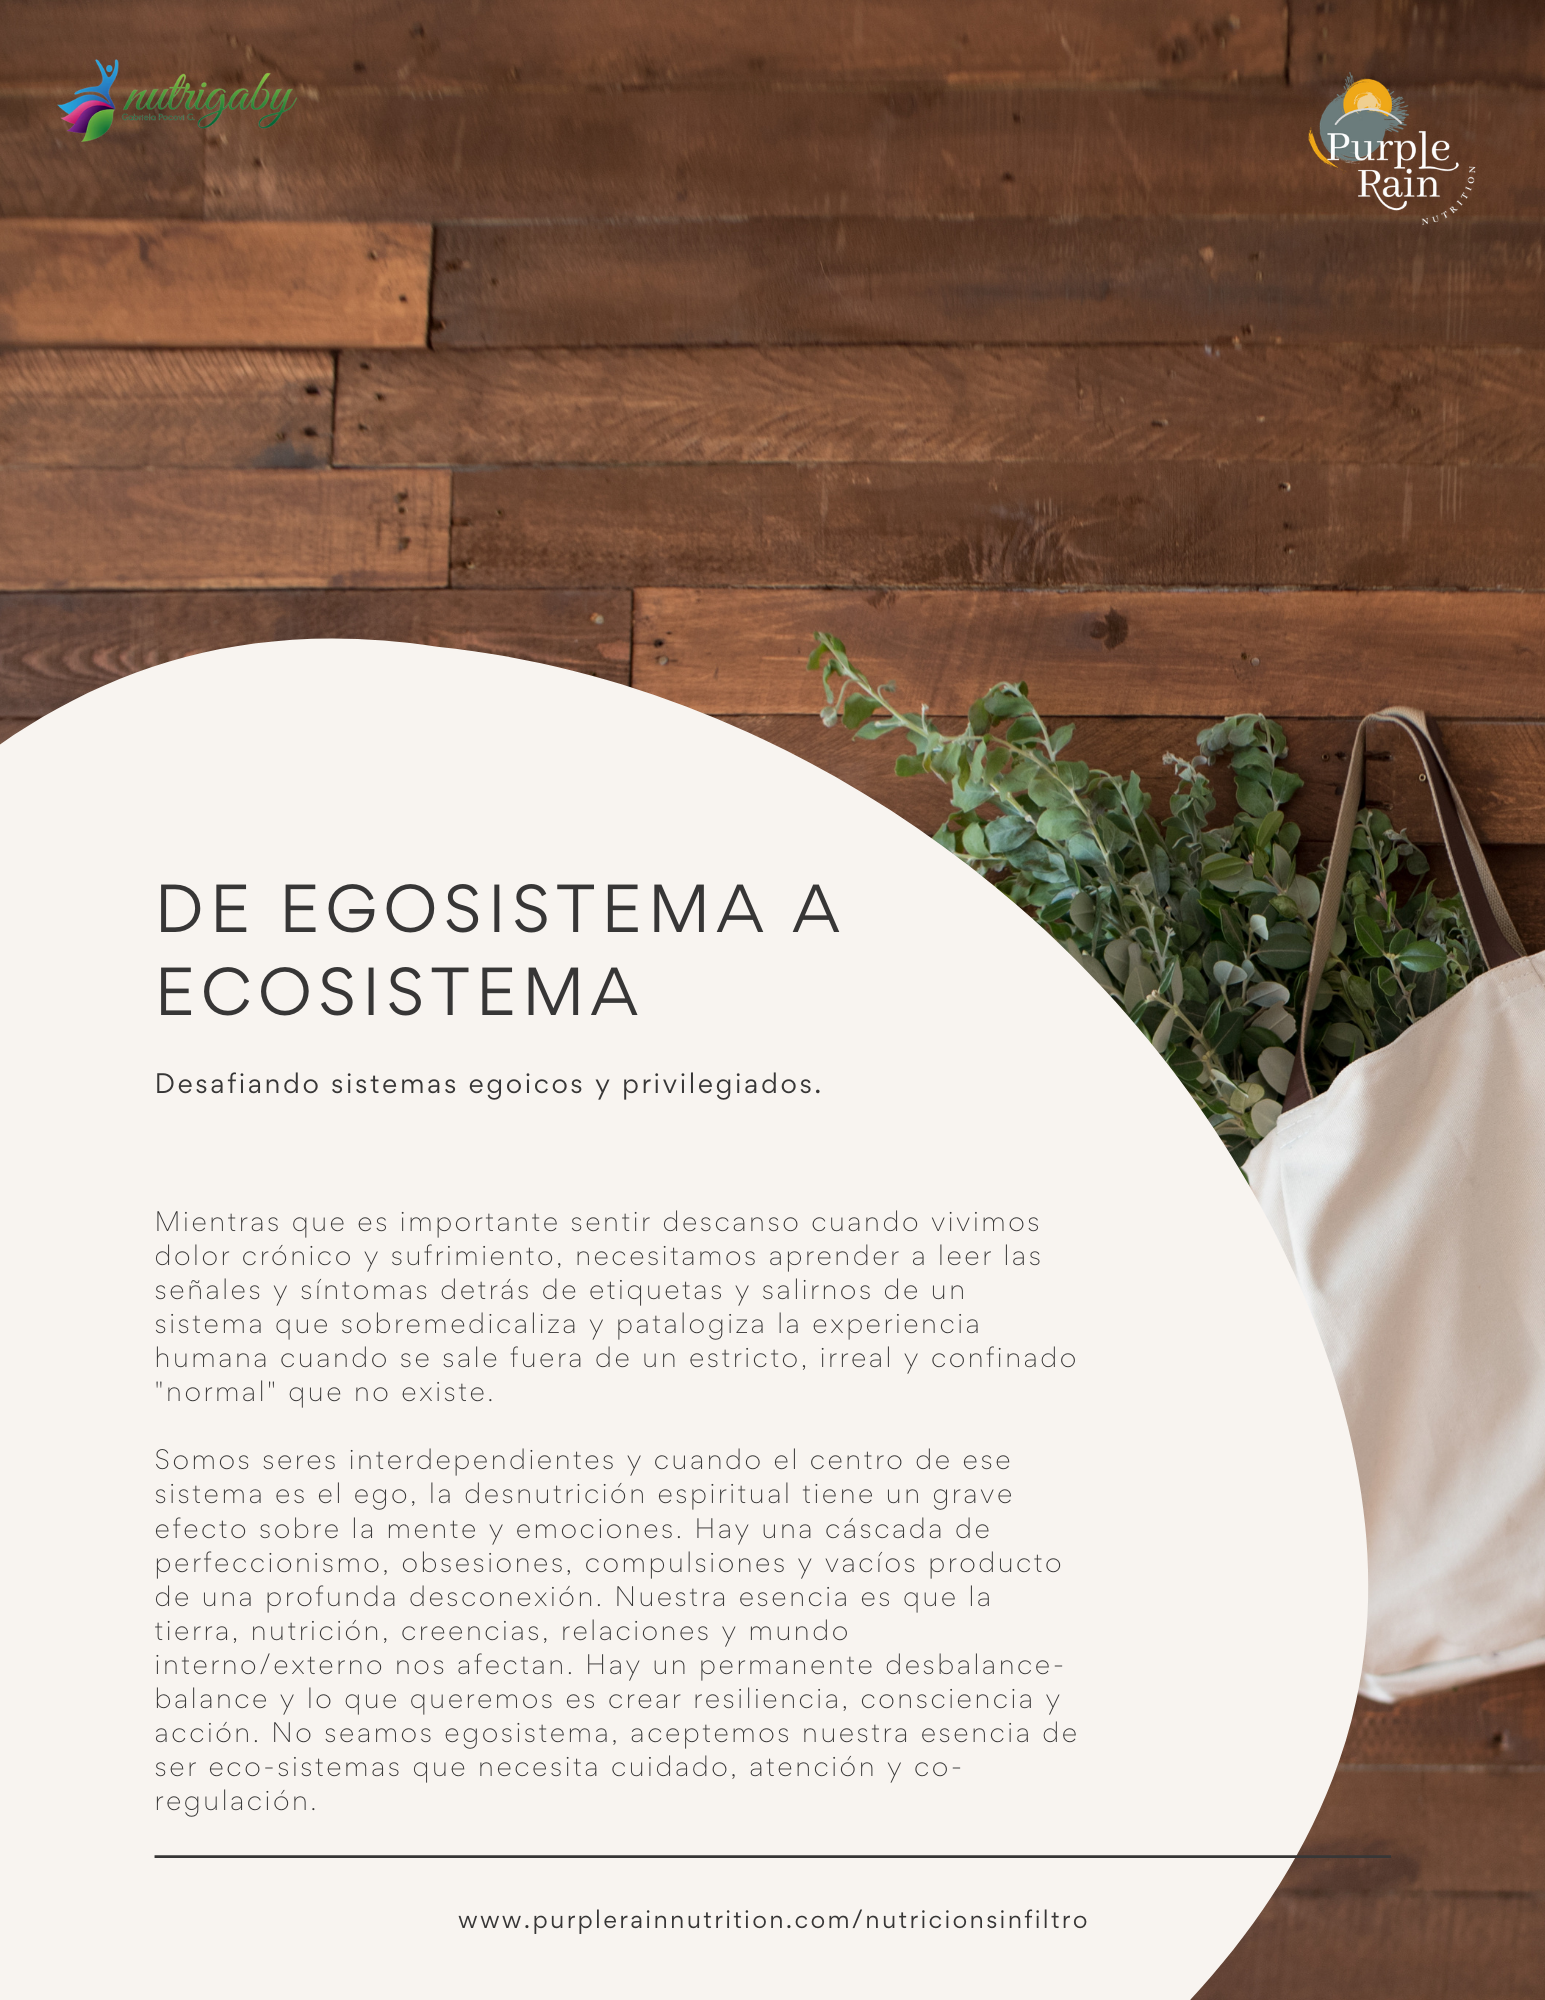 Intestino-Cerebro (Ego a Eco) (2)